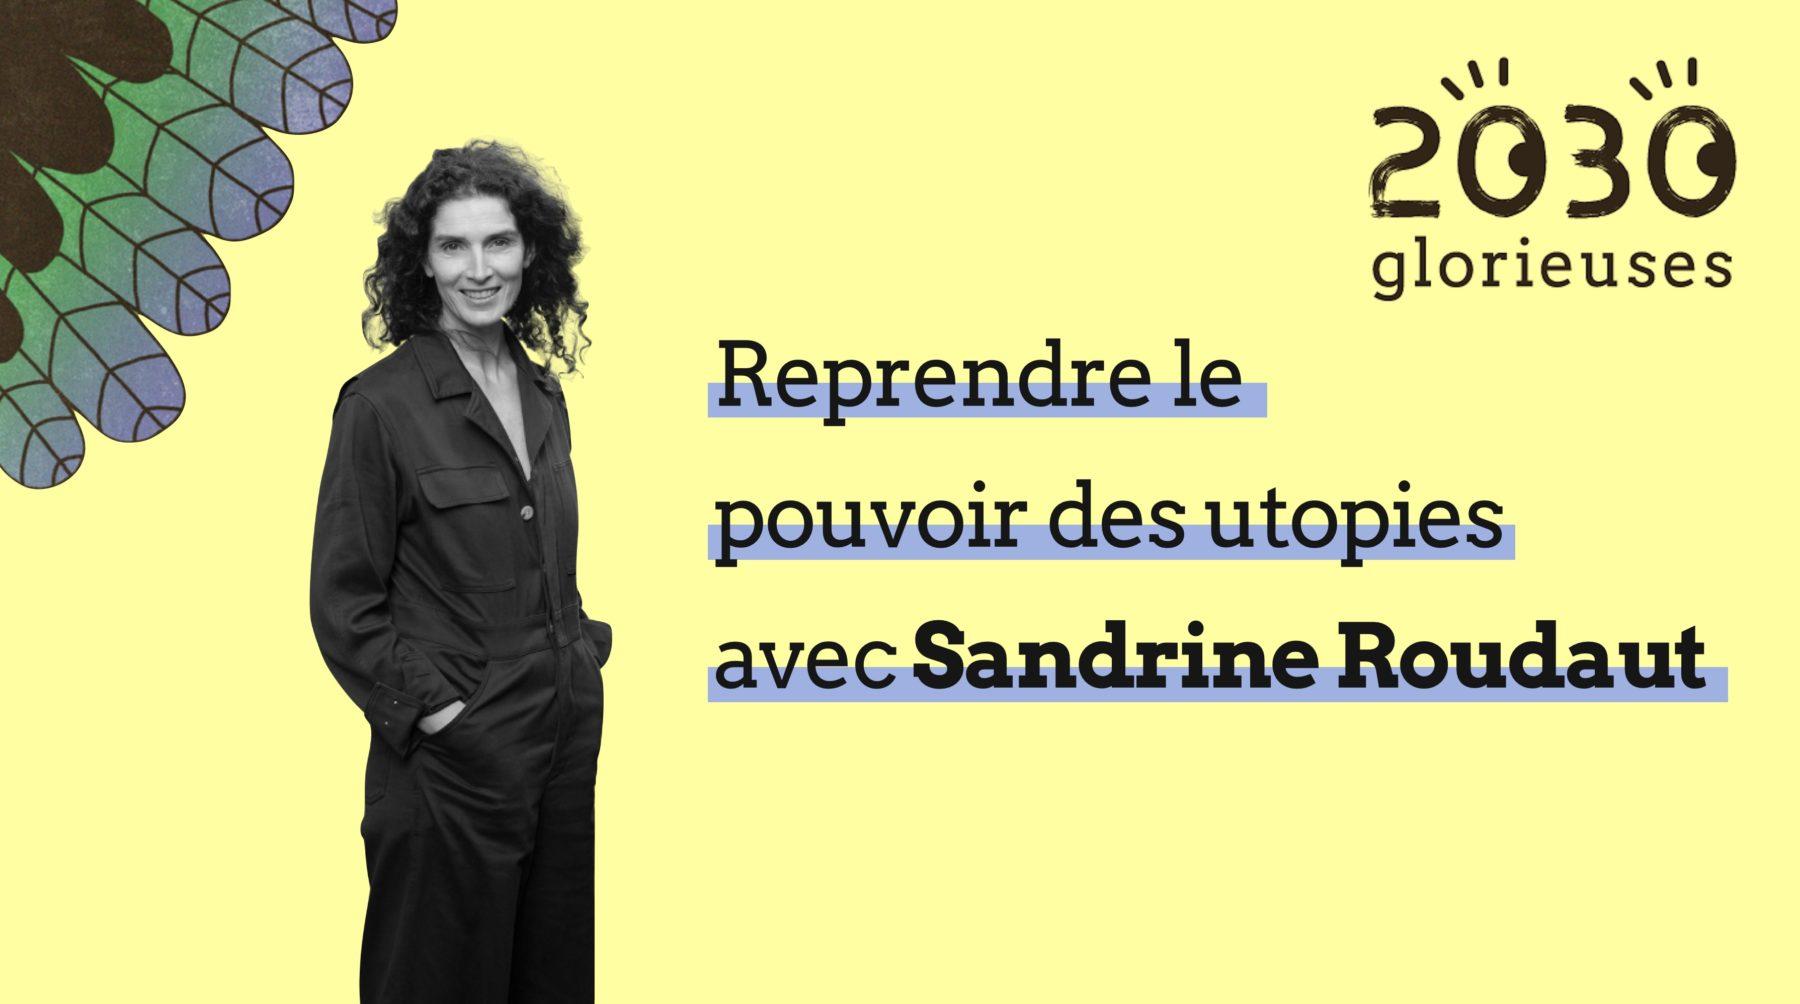 Le pouvoir des utopies avec Sandrine Roudaut